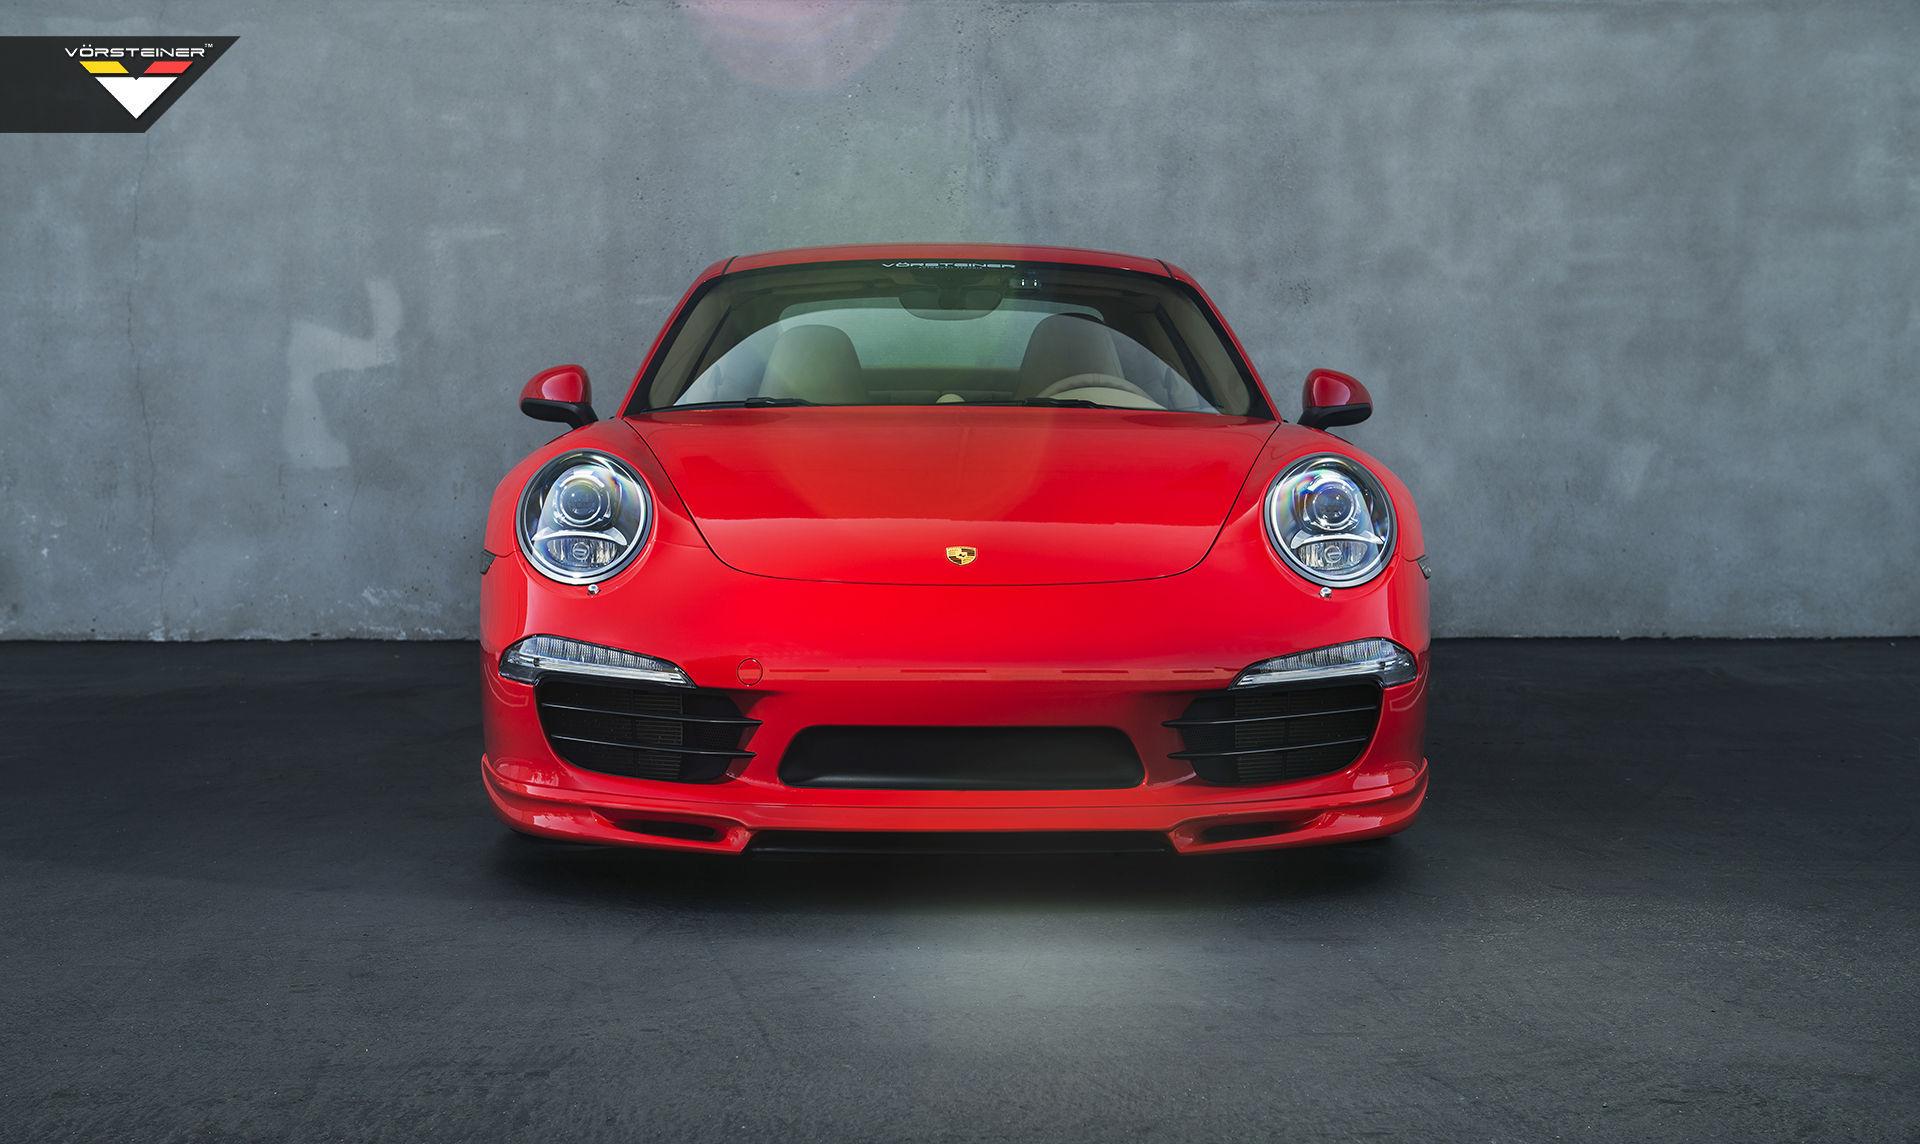 2013 Porsche 911 | Porsche 991 V-GT Edition Carrera